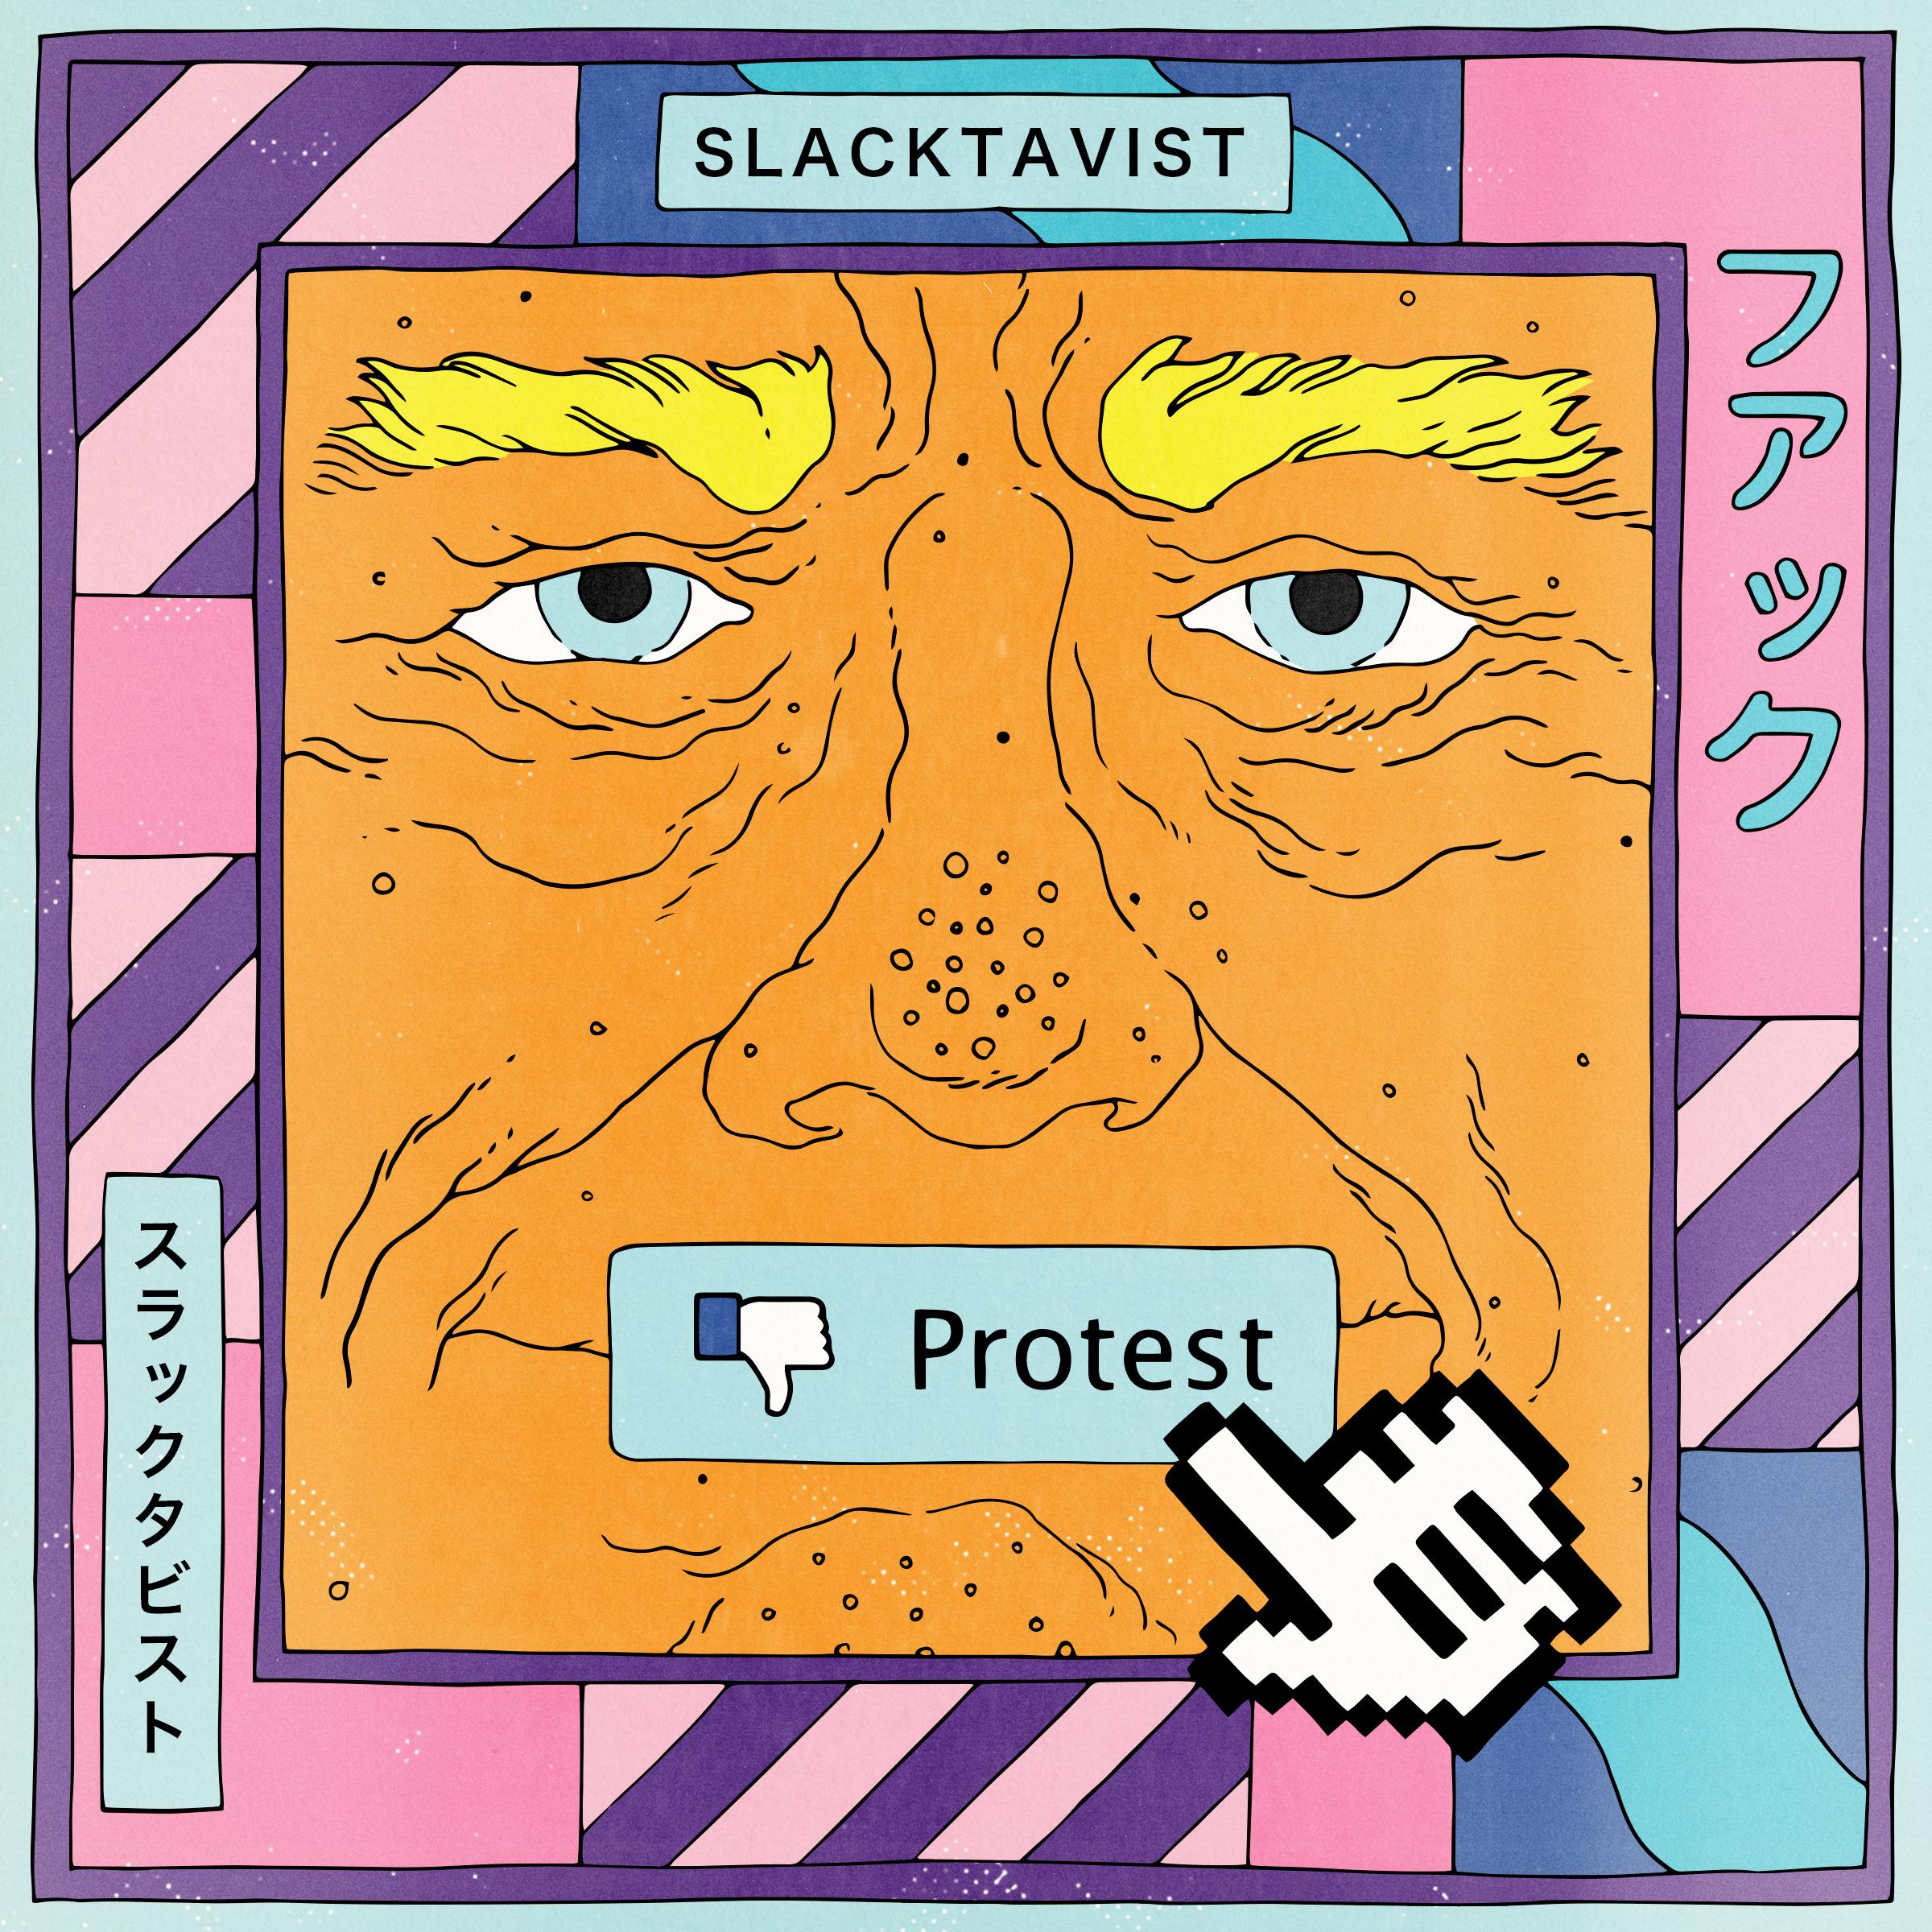 slacktavist_V3.jpg